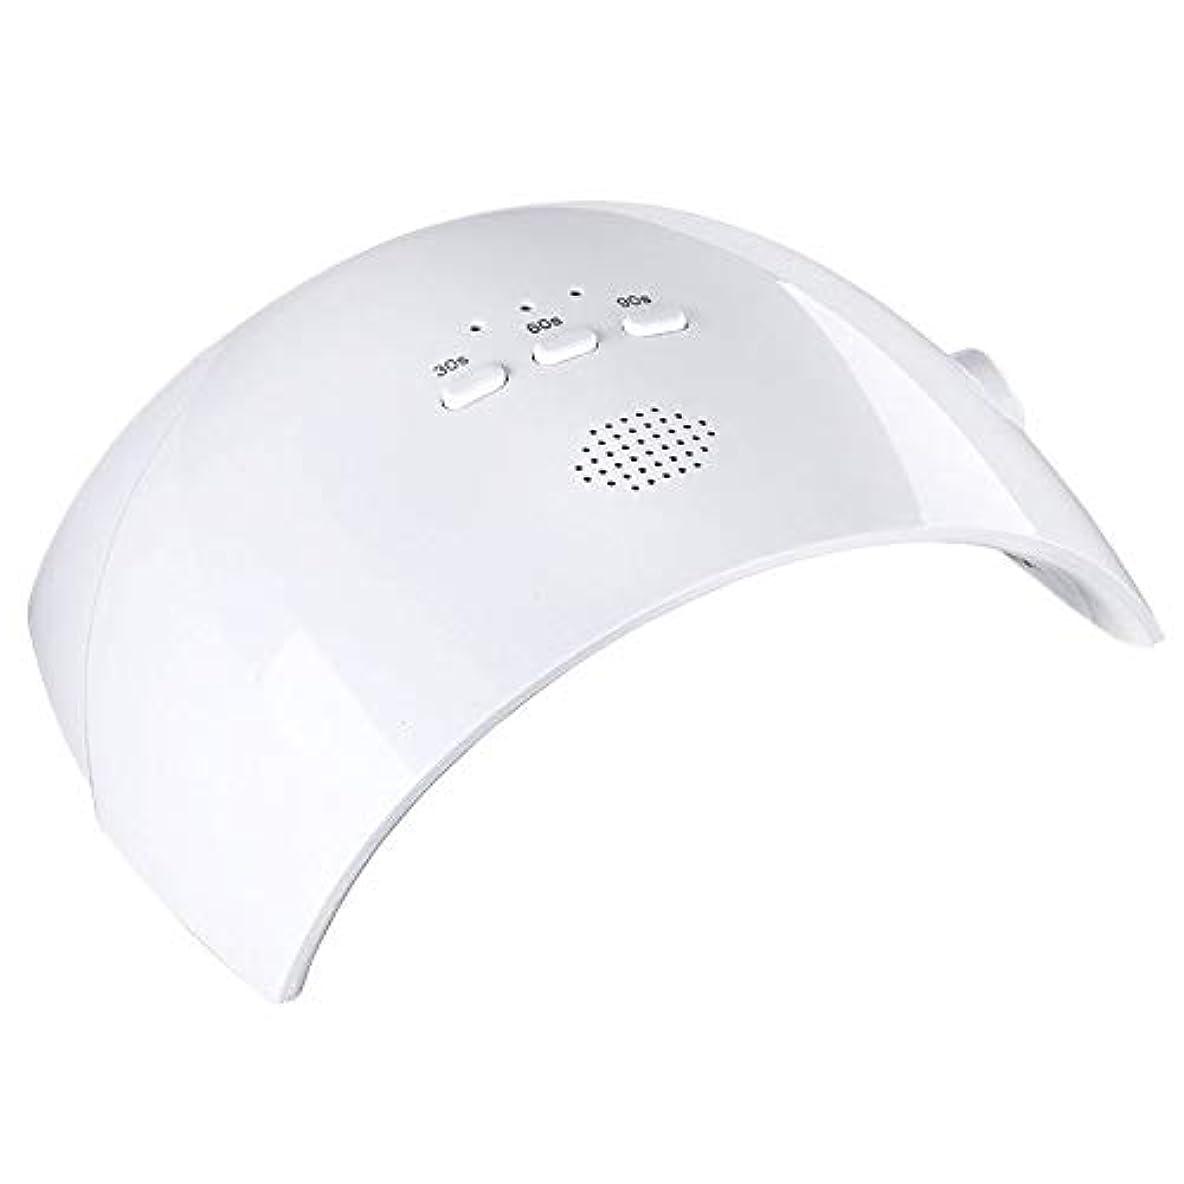 決してガウン辞書ネイルライト、3タイマー設定付き36W UV LEDジェルネイルドライヤー - プロフェッショナルジェルネイルポリッシュランプ